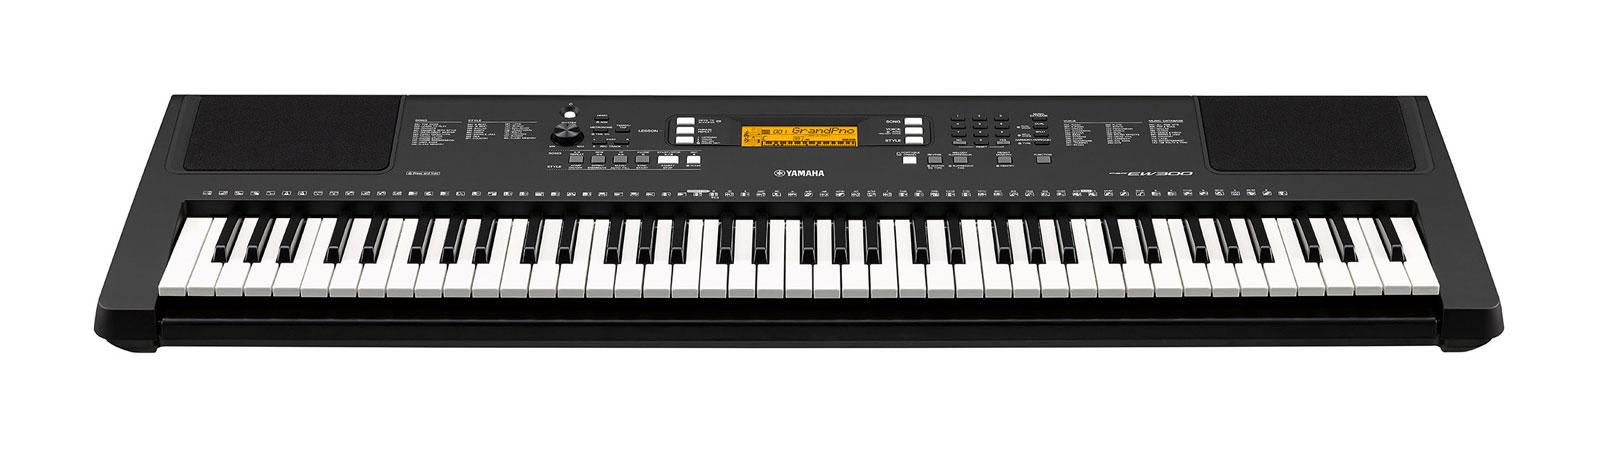 Yamaha psr ew300 keyboard 76 tasten for Yamaha psr ew300 keyboard